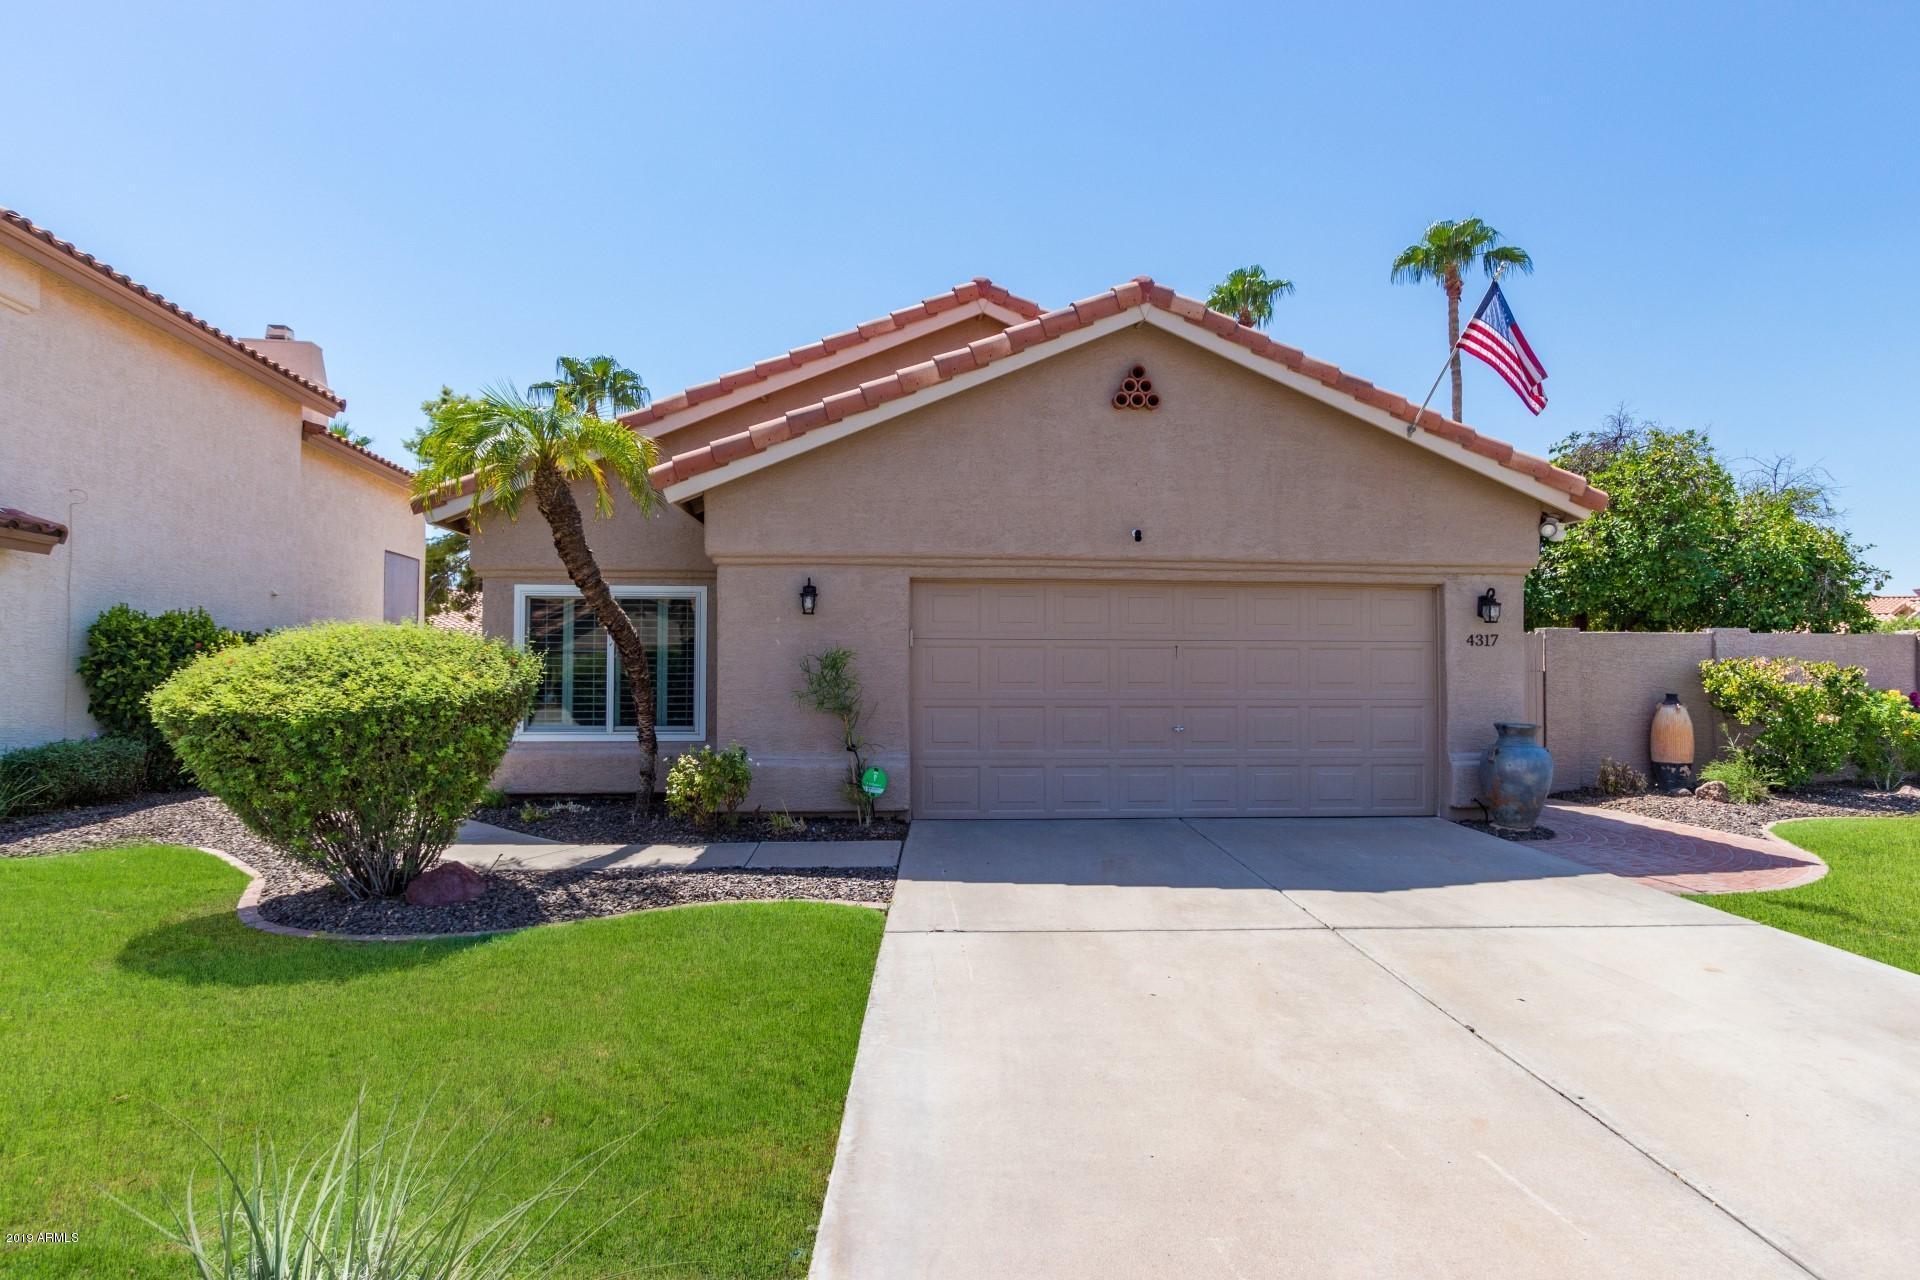 Photo of 4317 E Badger Way, Phoenix, AZ 85044